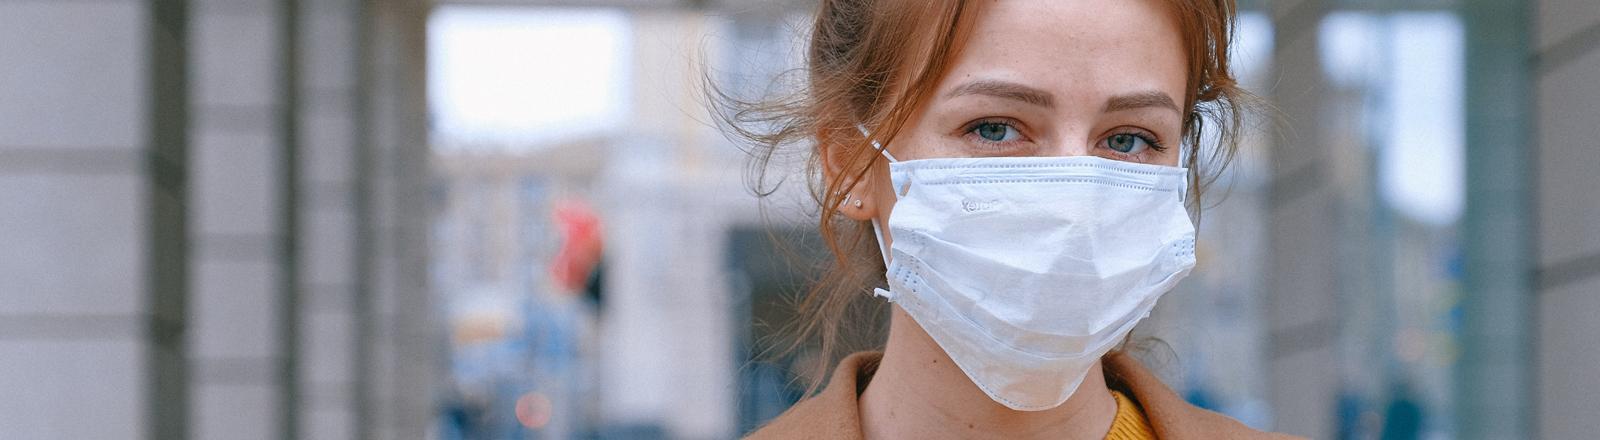 Eine Frau trägt einen Mund-Nasen-Schutz.